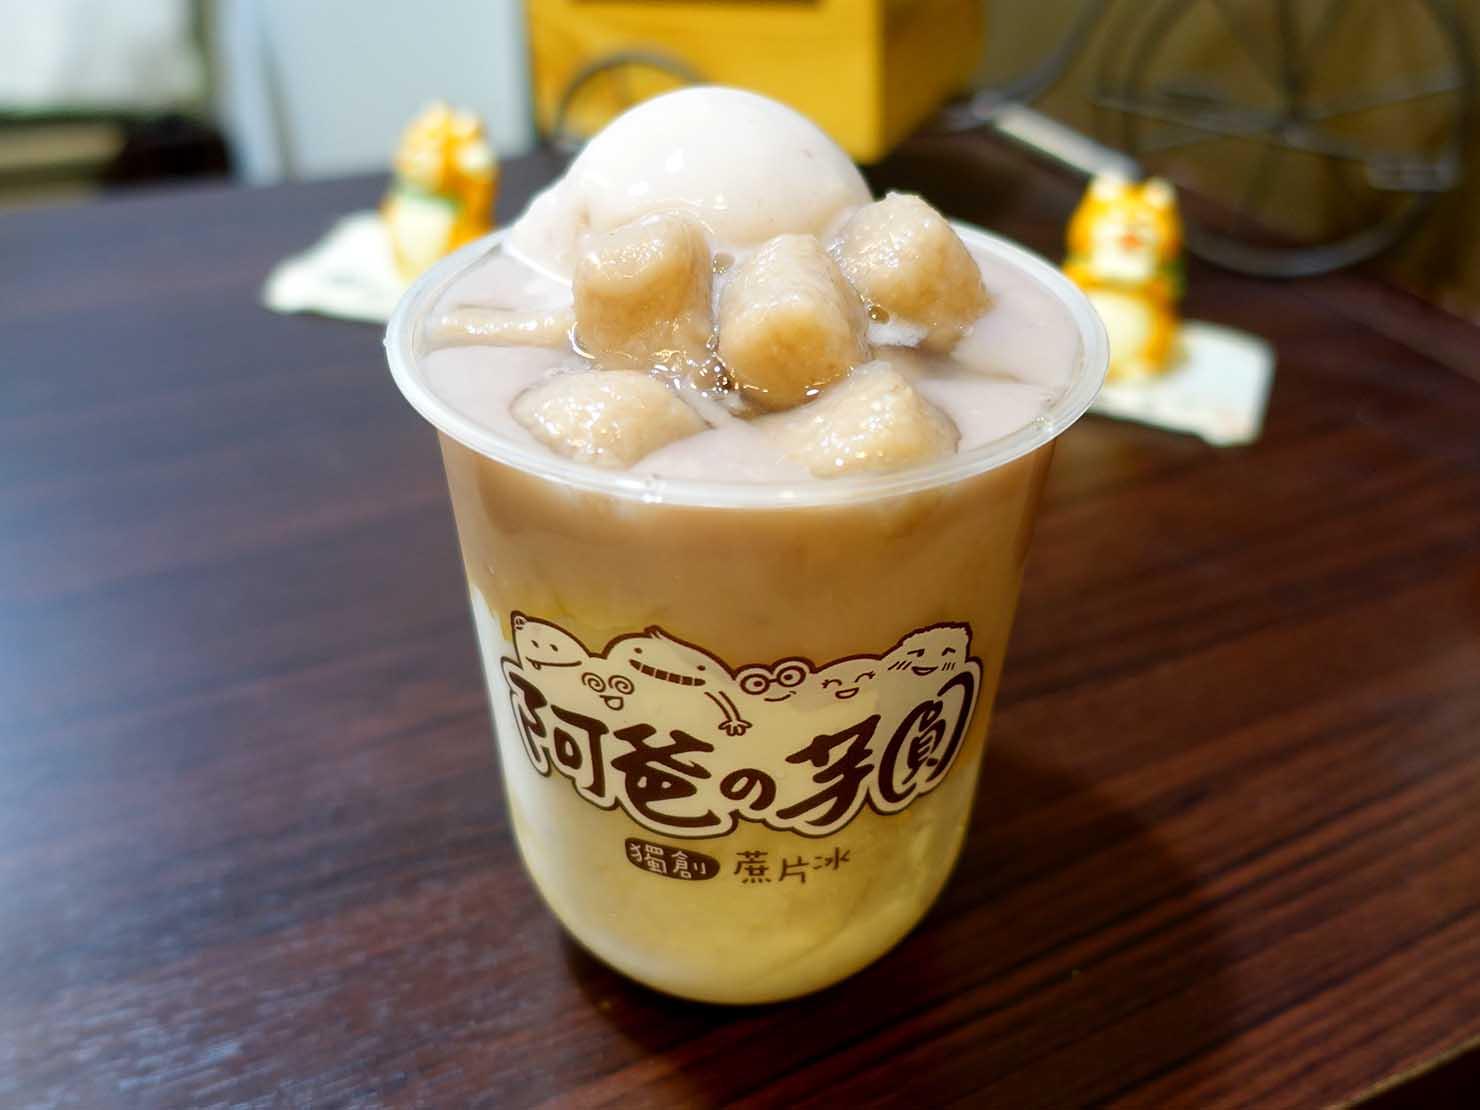 台北・西門町のおすすめひんやりスイーツ店「阿爸の芋圓」の芋見1號